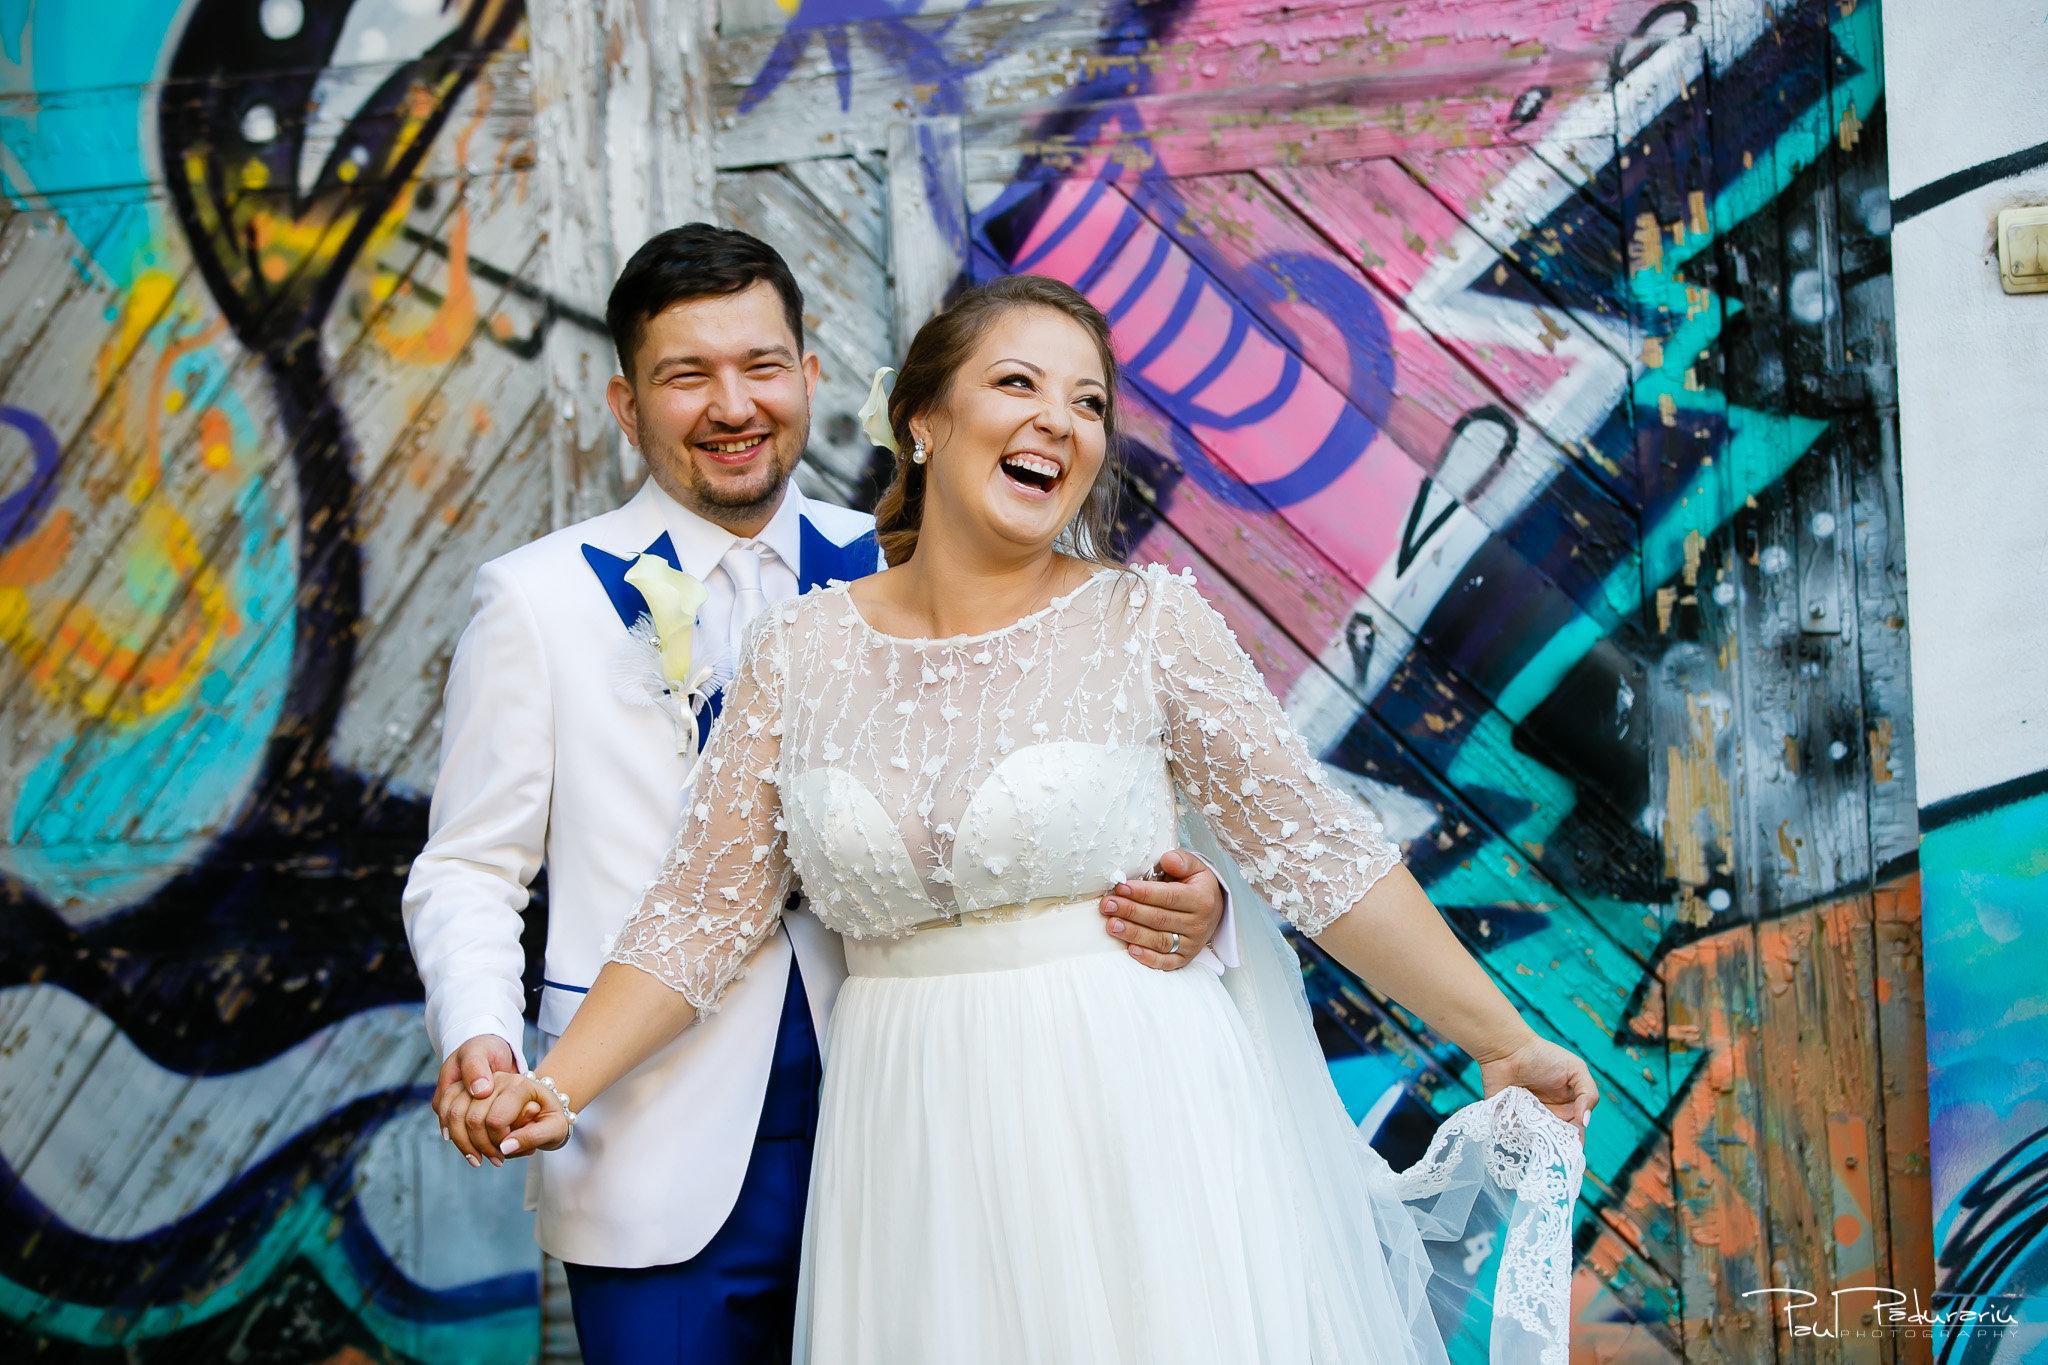 Sedinta foto nunta Ema si Tudor fotograf profesionist de nunta iasi www.paulpadurariu.ro © 2017 Paul Padurariu potret mire mireasa zambete